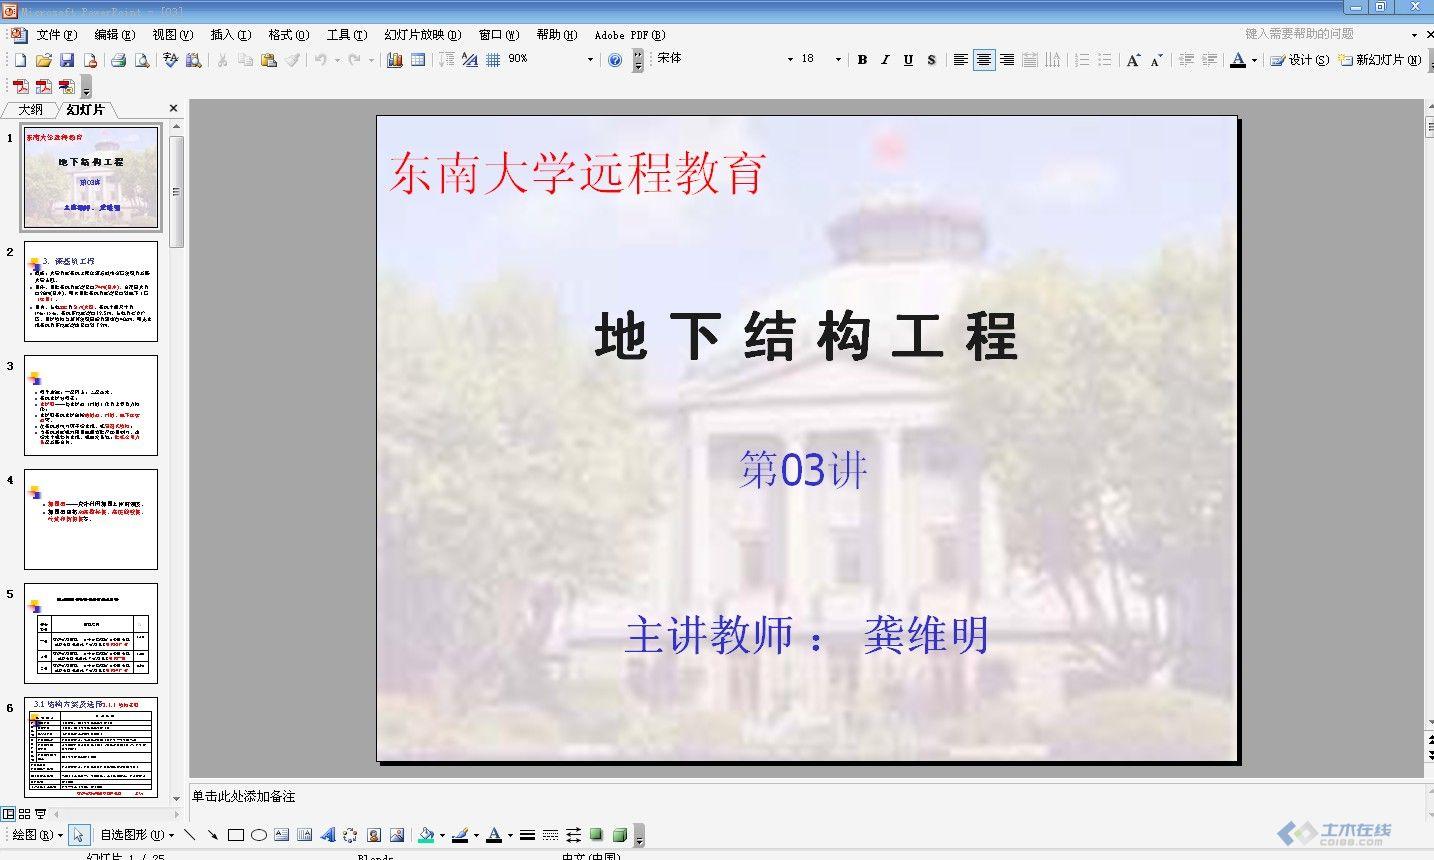 中南大学 地下结构工程 ppt